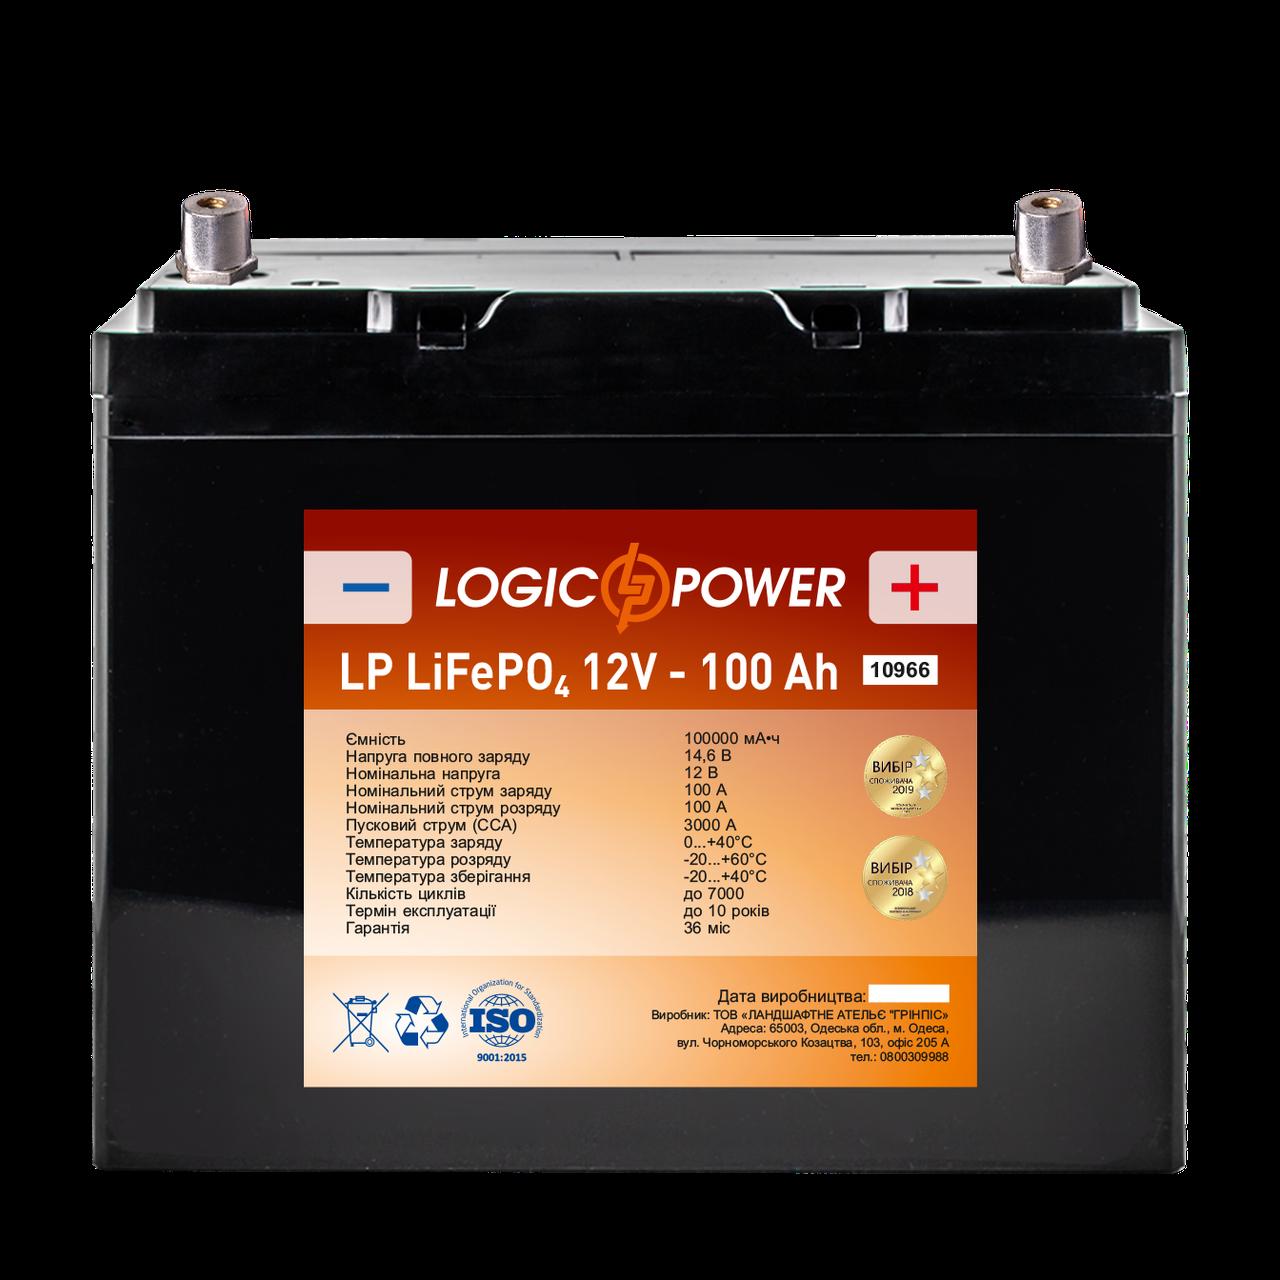 Аккумулятор для автомобиля литиевый LP LiFePO4 12V - 100 Ah (+ слева, прямая полярность) пластик